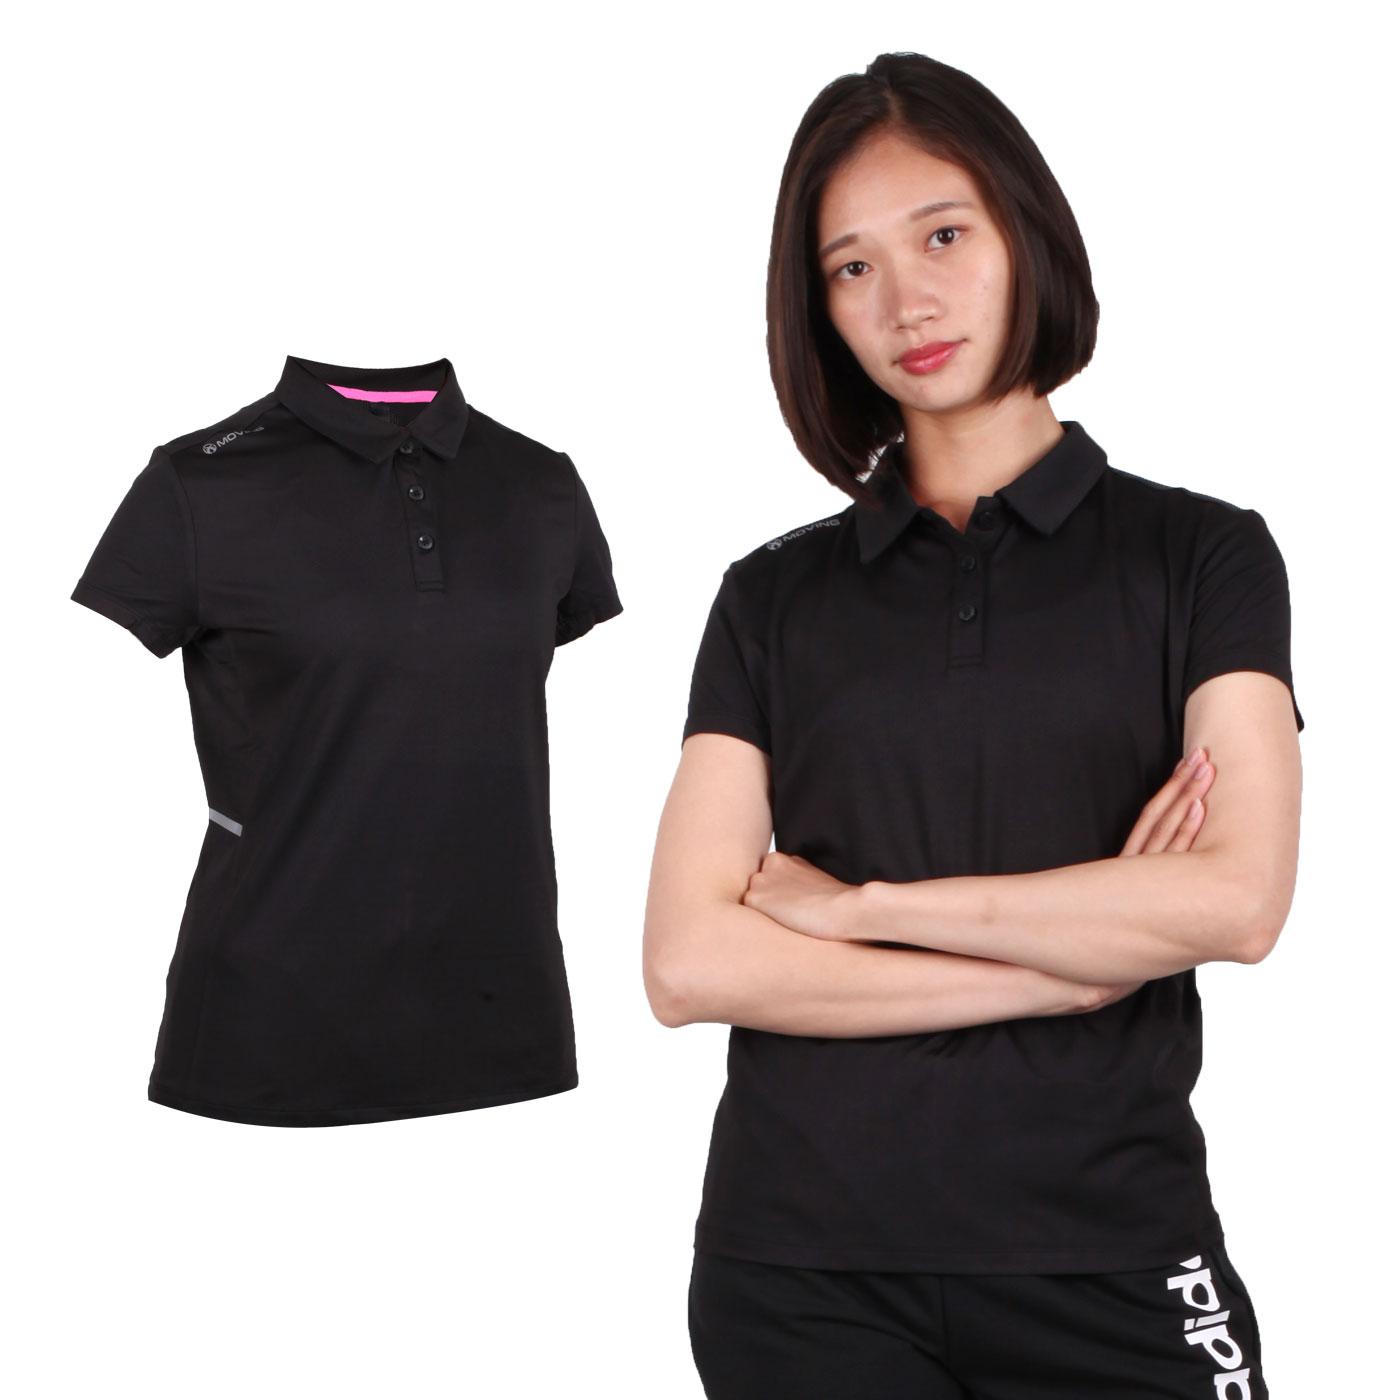 FIRESTAR 女款彈性短袖POLO衫 DL967-10 - 黑